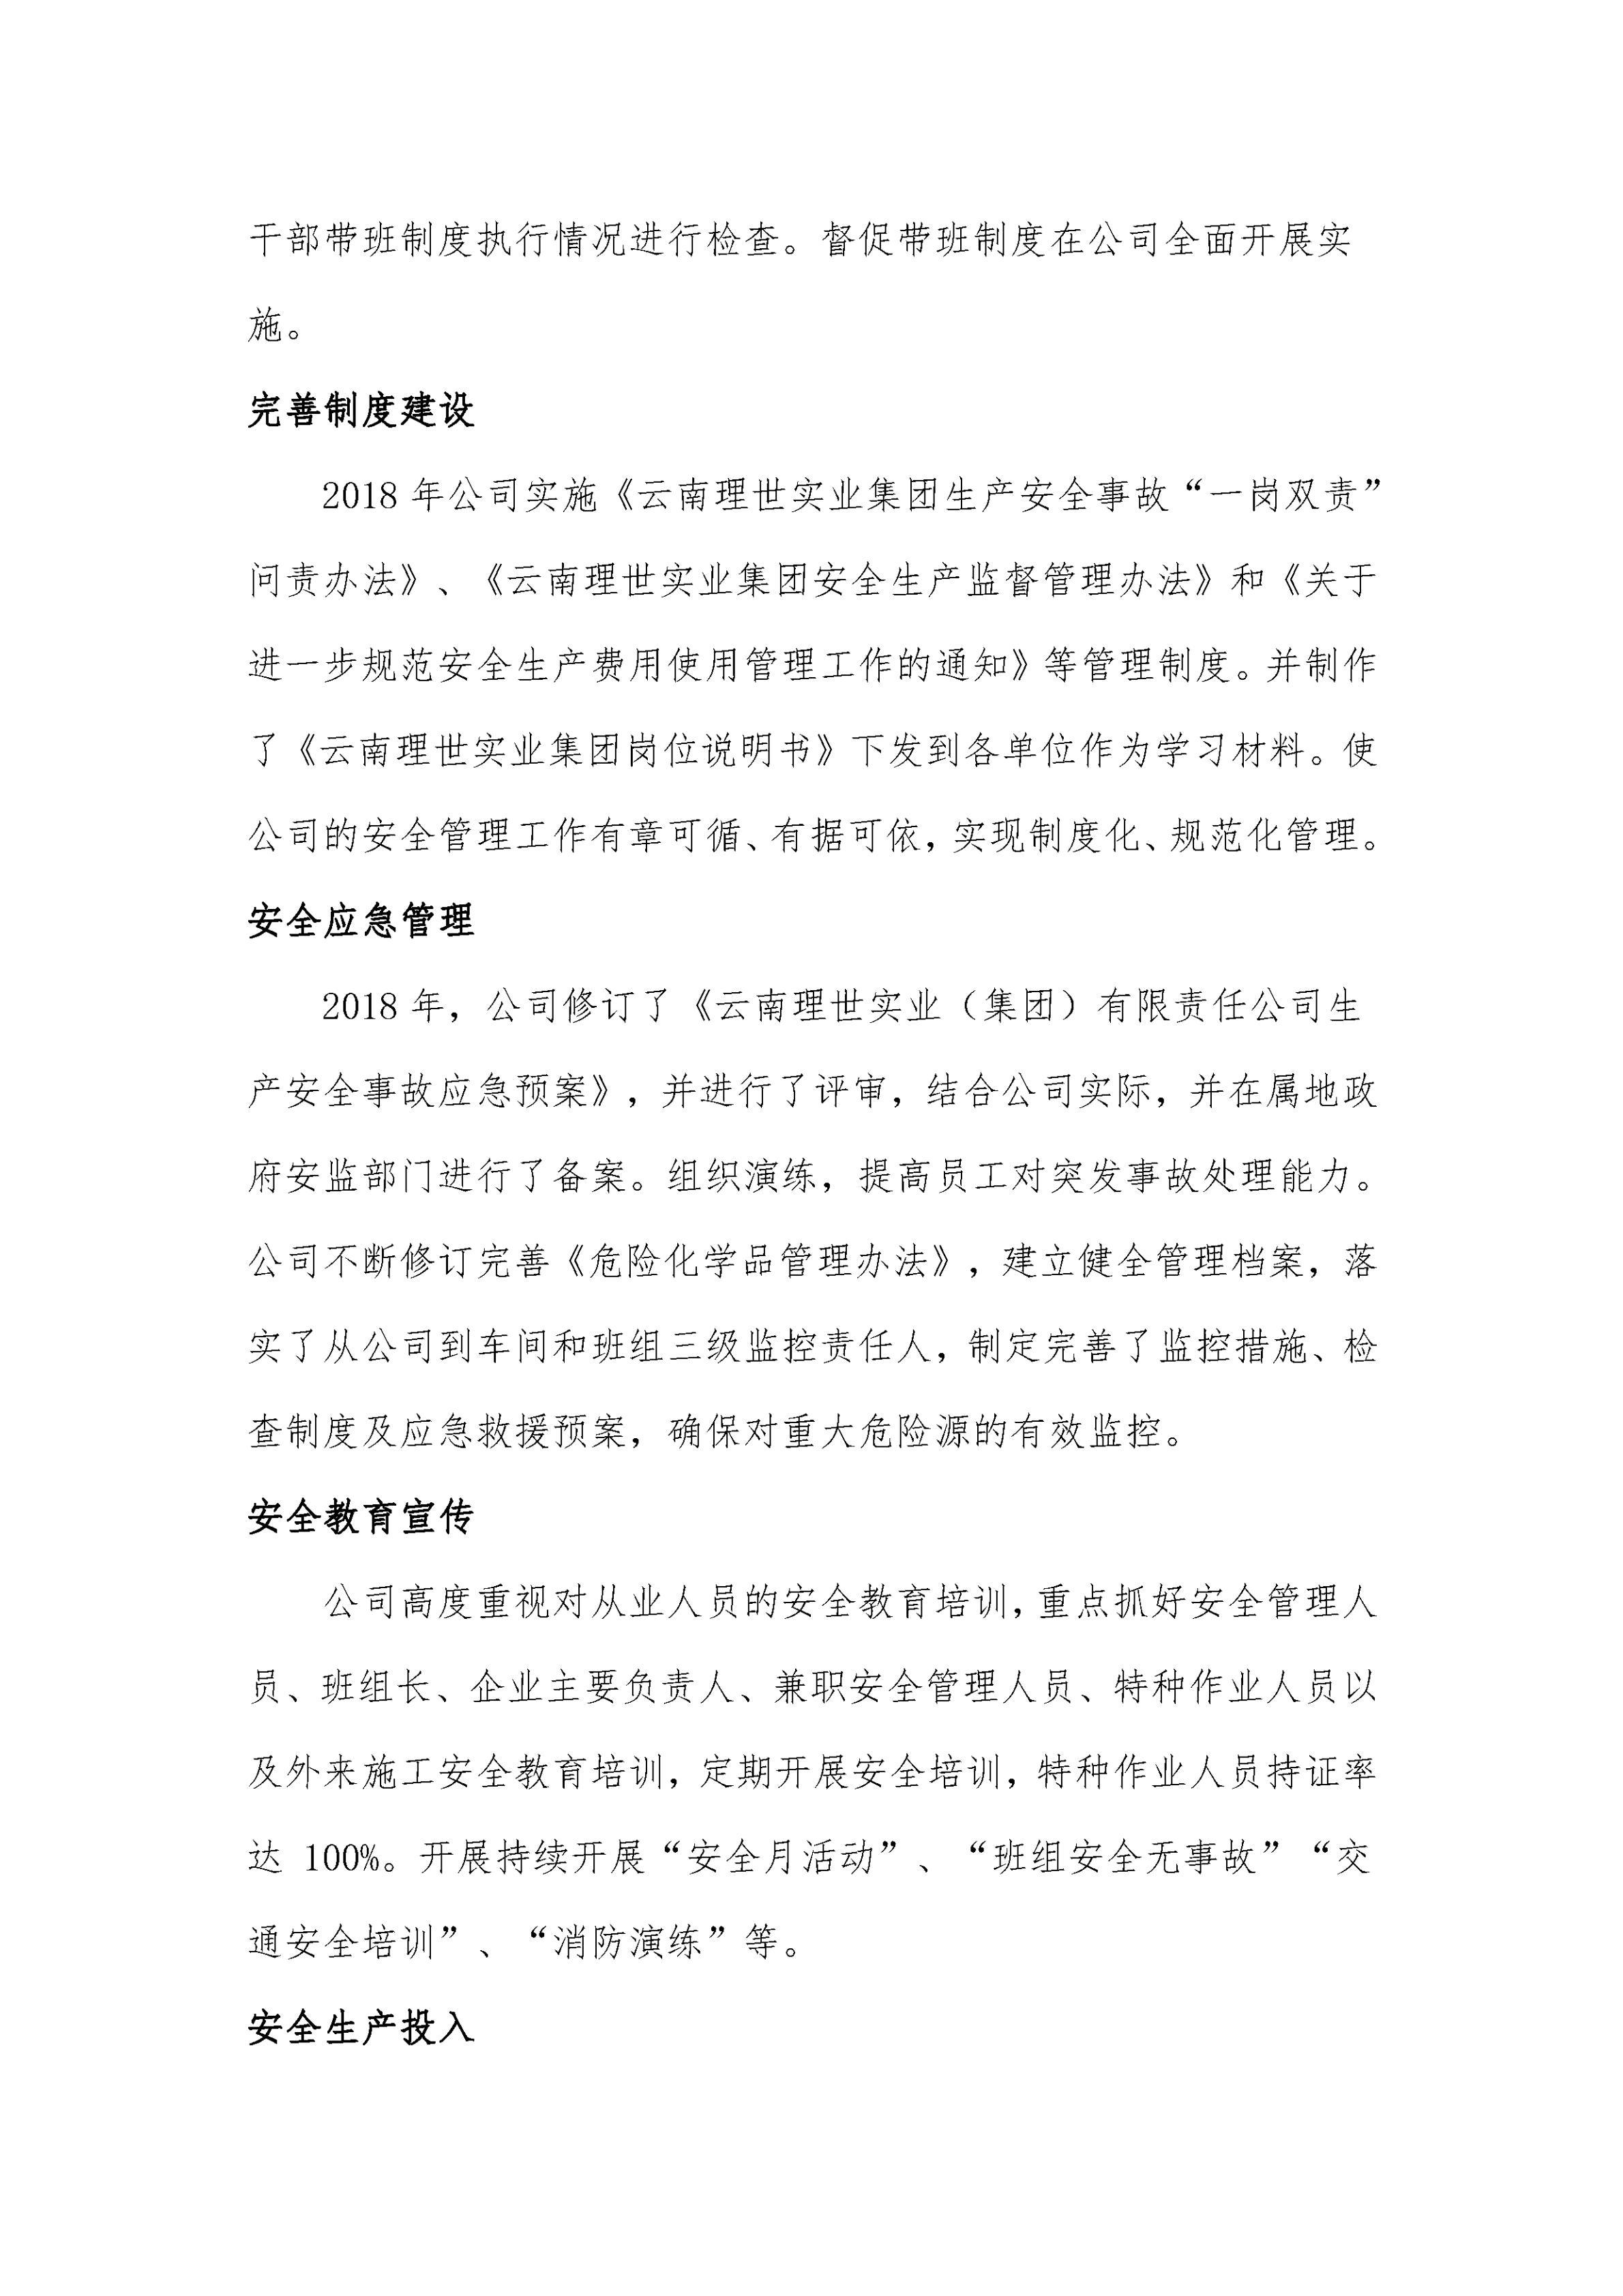 云南理世實業(集團)有限責任公司2018年社會責任報告.FR11_08.jpg